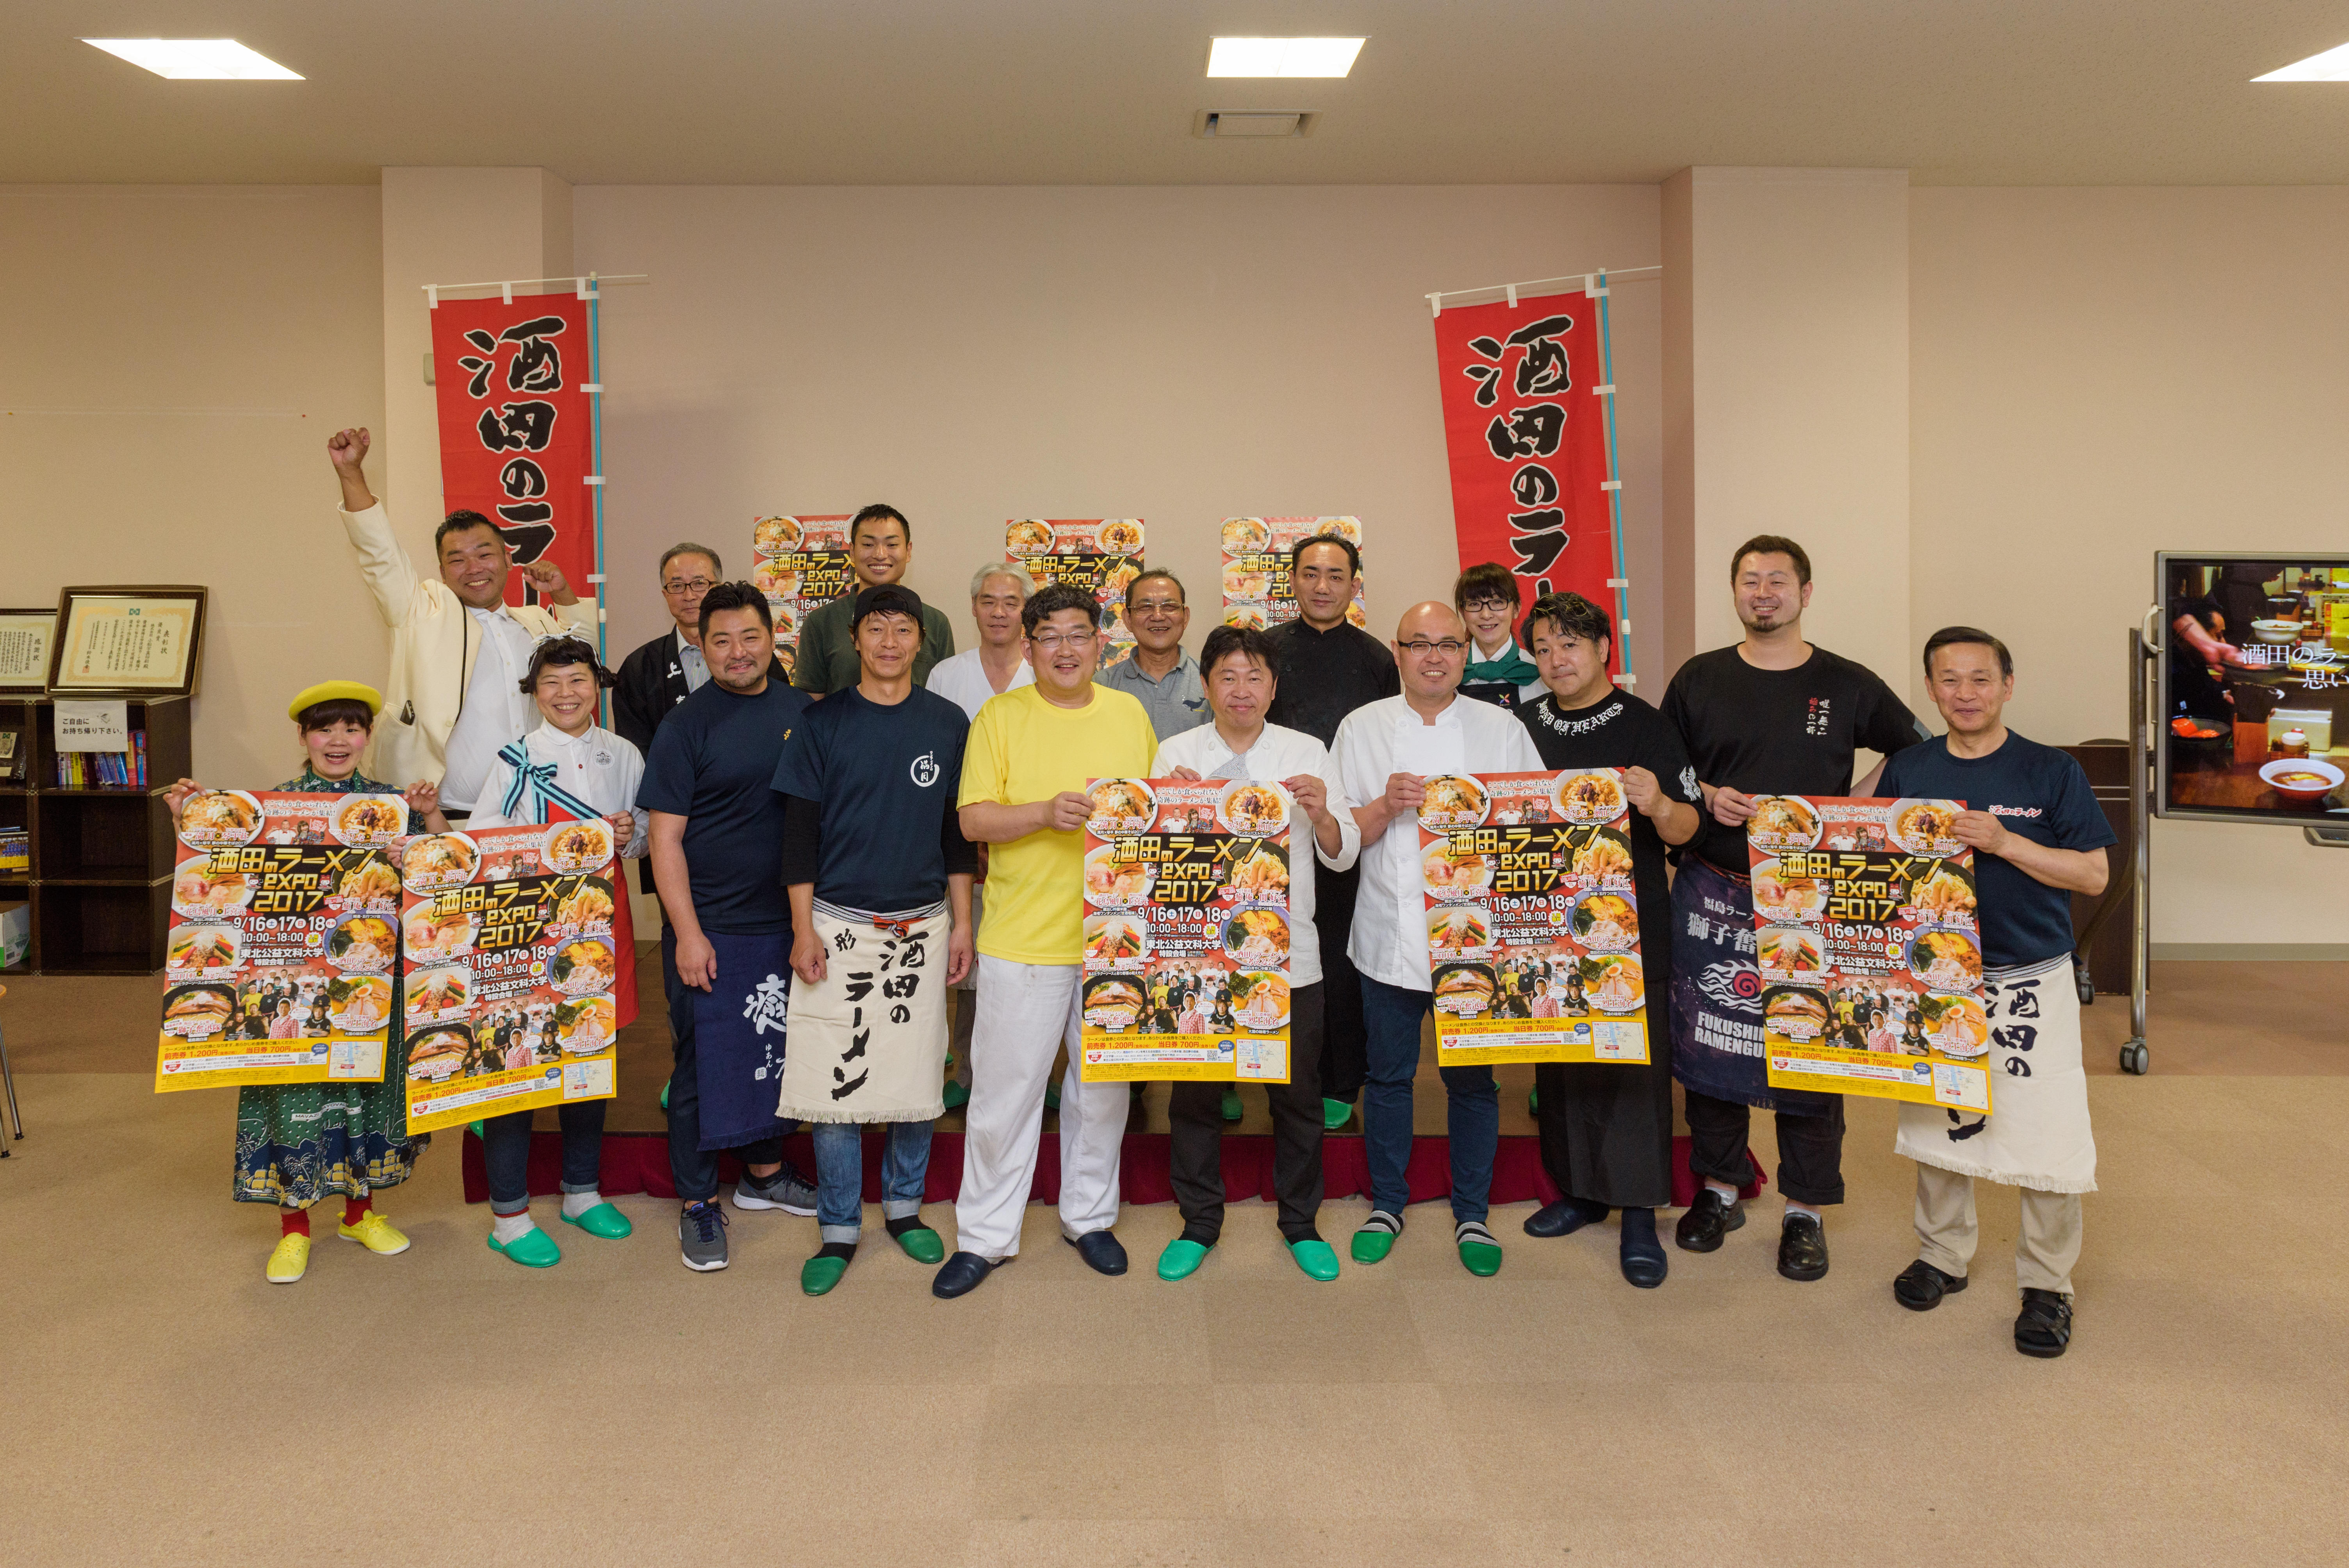 http://news.yoshimoto.co.jp/20170718111245-e15ee6a43ab9d1ce90ad89dddb4b874104682b9f.jpg